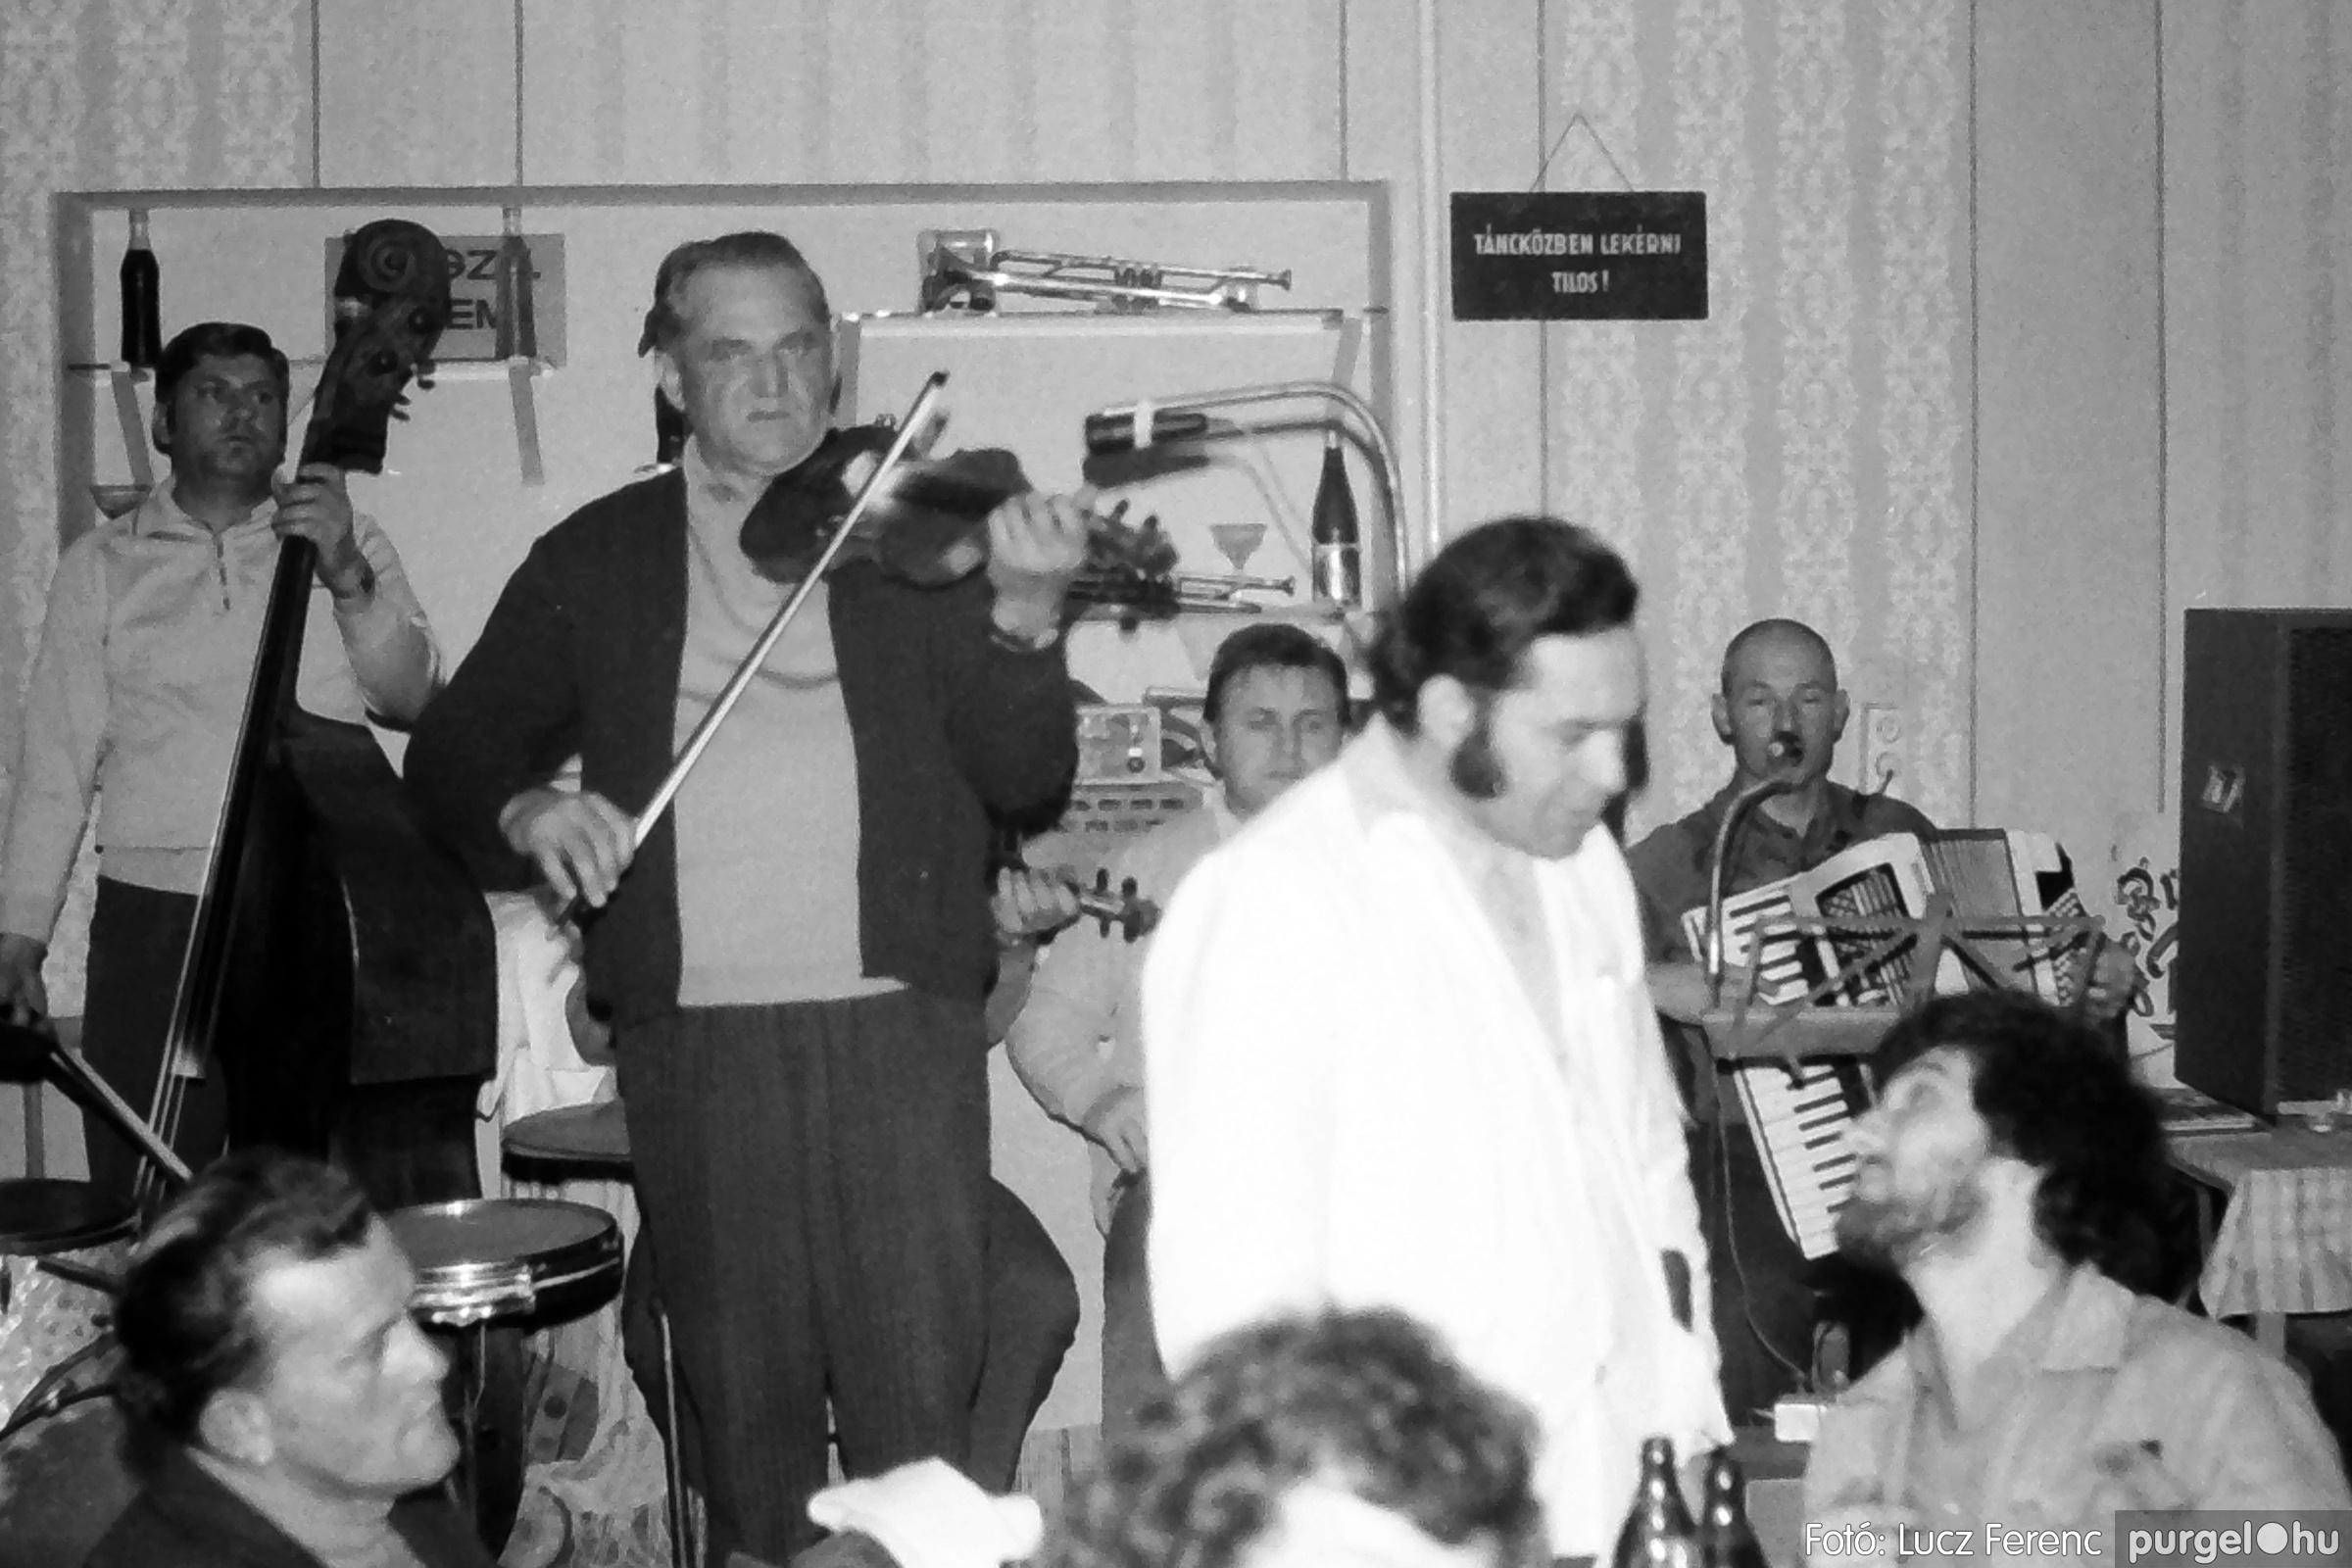 064-065. 1976. KTSZ-es dínomdánom a vendéglőben 015. - Fotó: Lucz Ferenc.jpg